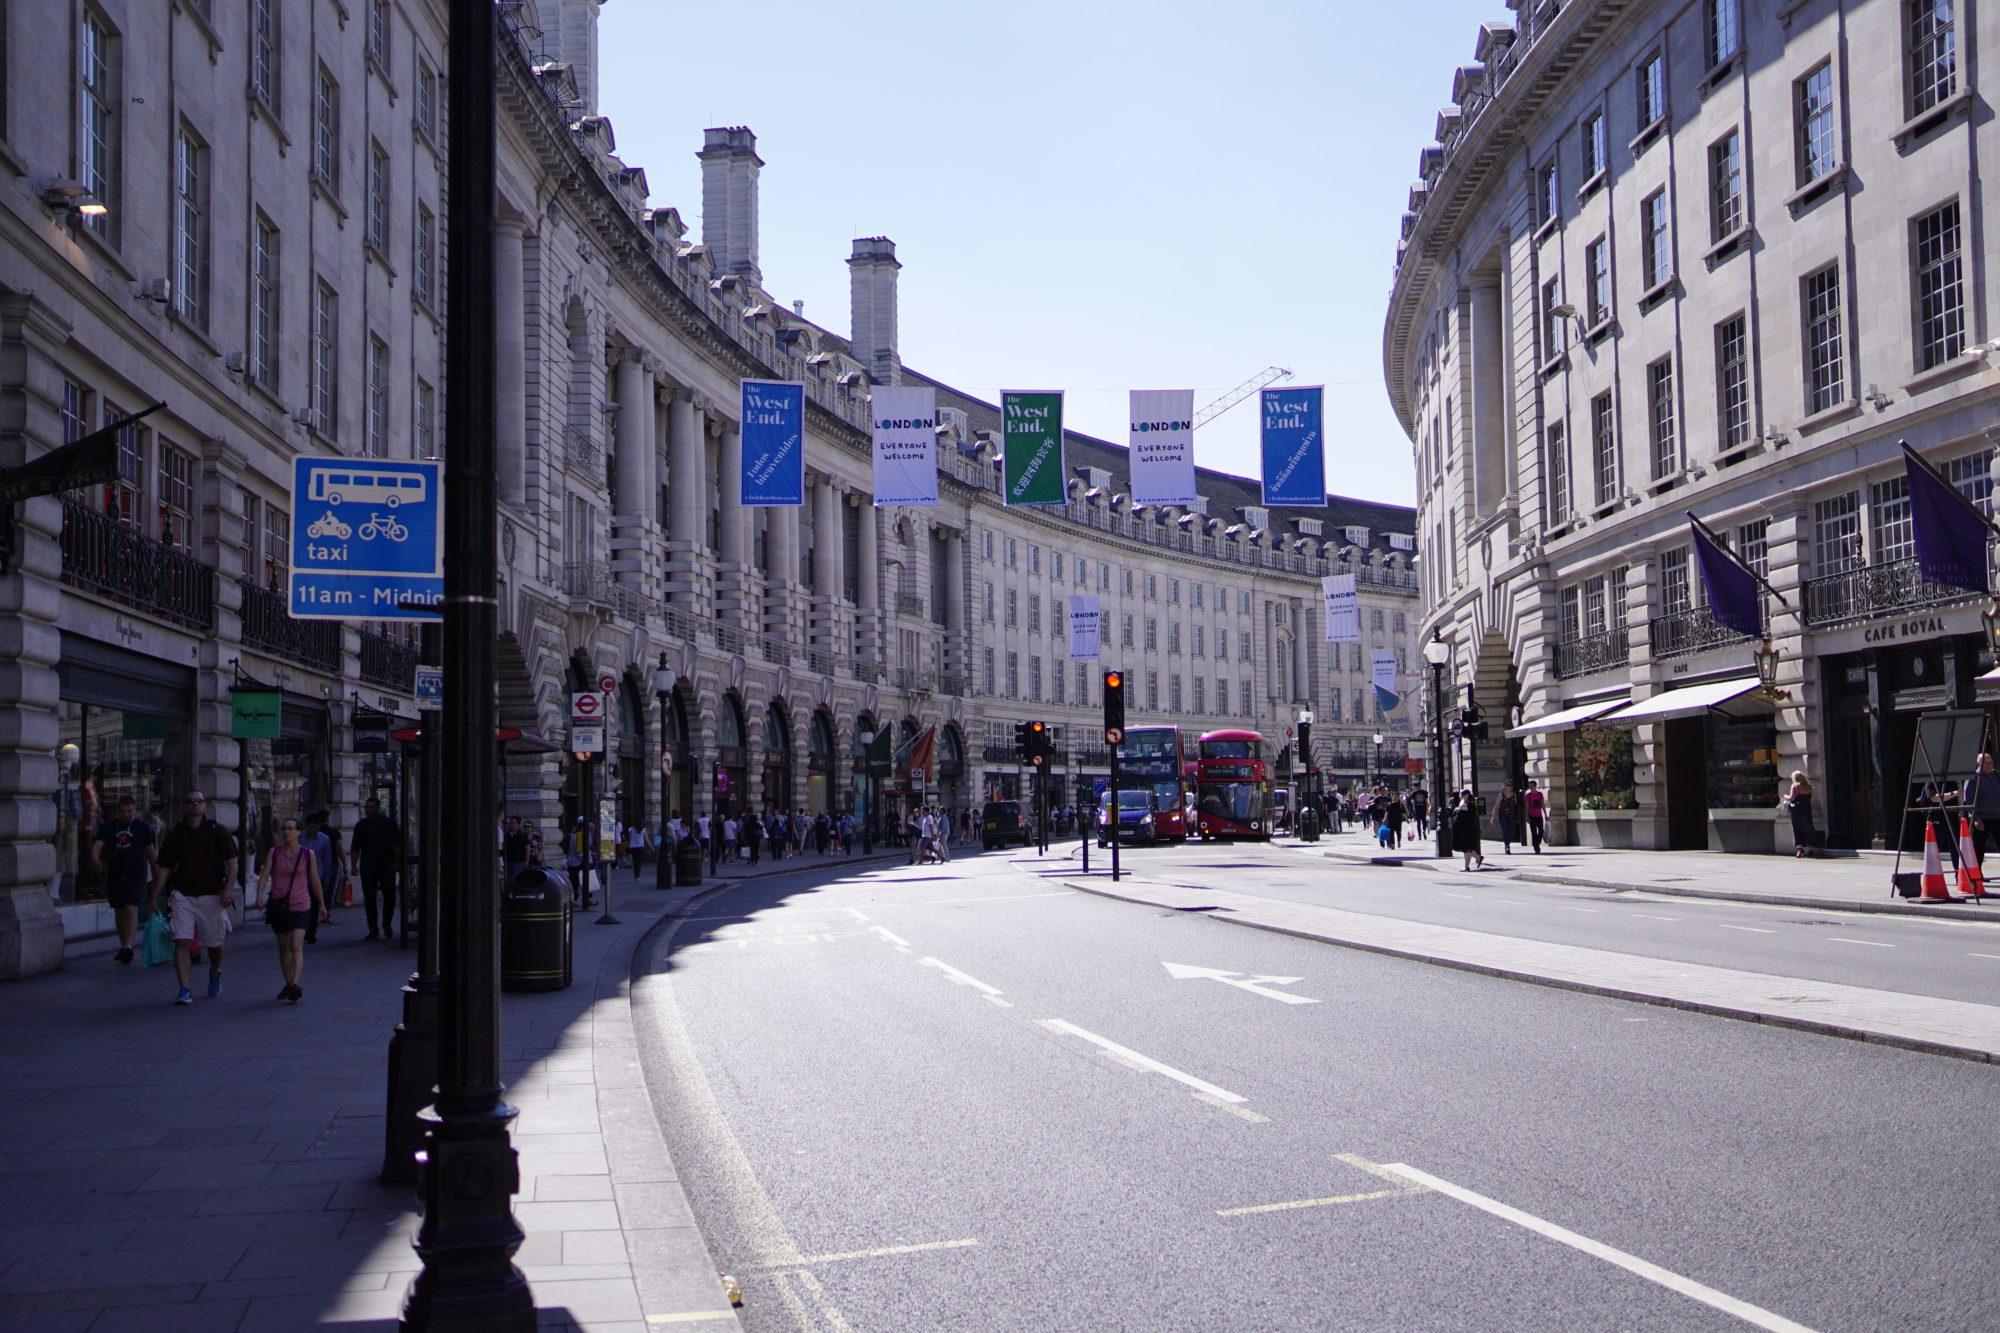 英國|倫敦景點|購物聖地攝政街~探訪金牌特務的基地 - 逸在旅行